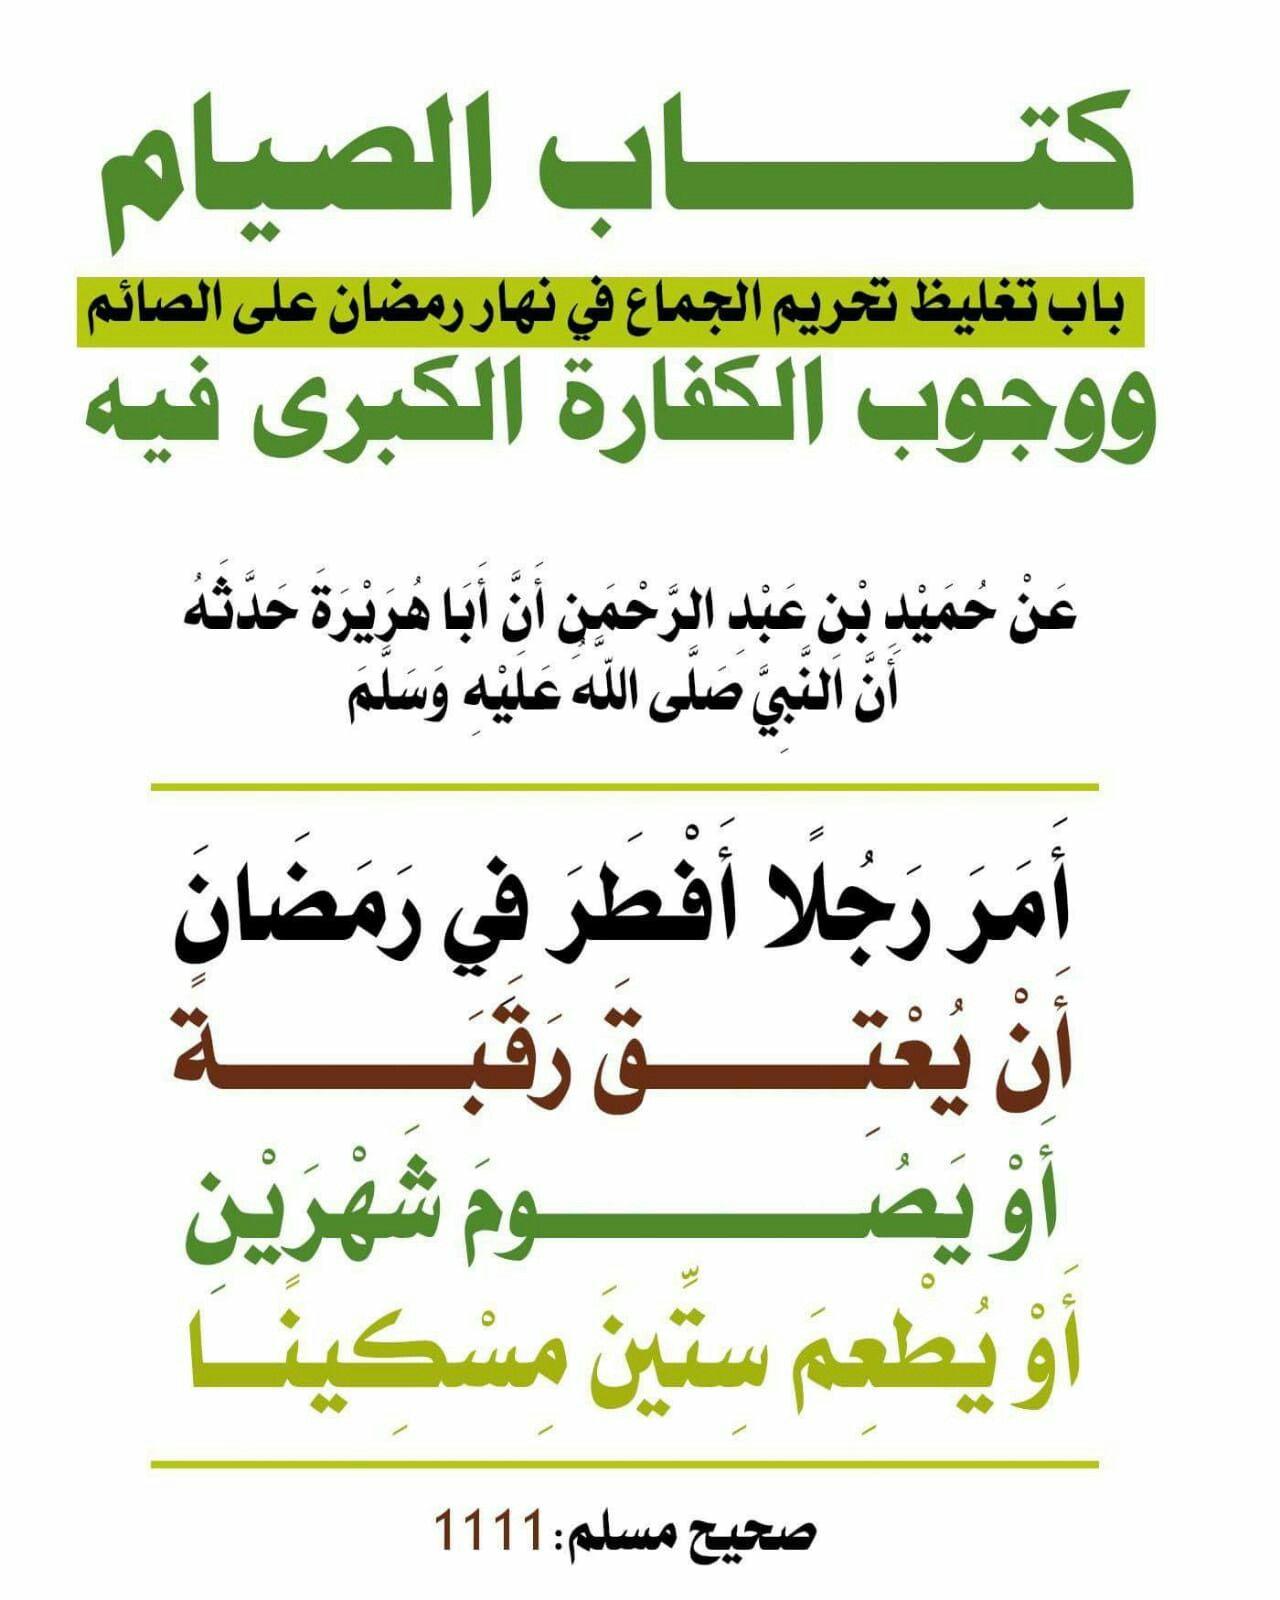 Pin By Aĭcĥa ʚiɞ On من أقوال الرسول الكريم محمد صل الله عليه وسلم Ramadan Math Ahadith